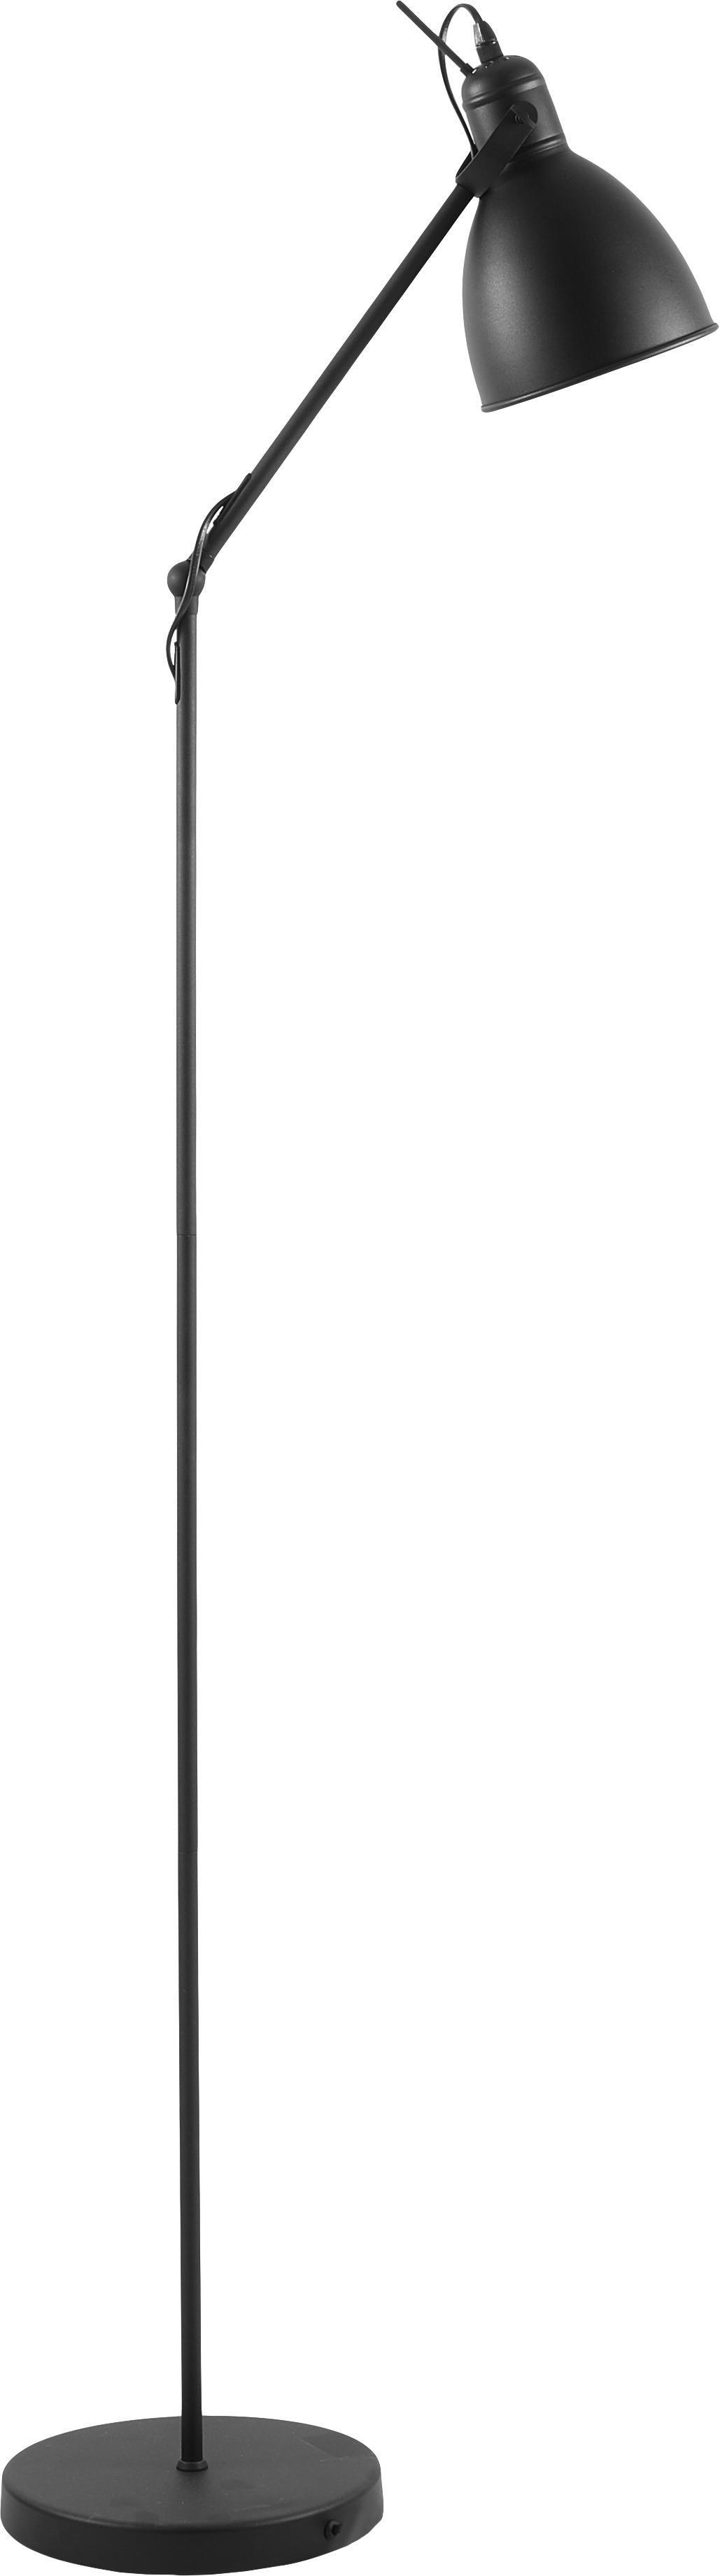 Lámpara de pie de metal Ethan, estilo industrial, Pantalla: metal con pintura en polv, Cable: plástico, Negro, Ø 15 x Al 137 cm